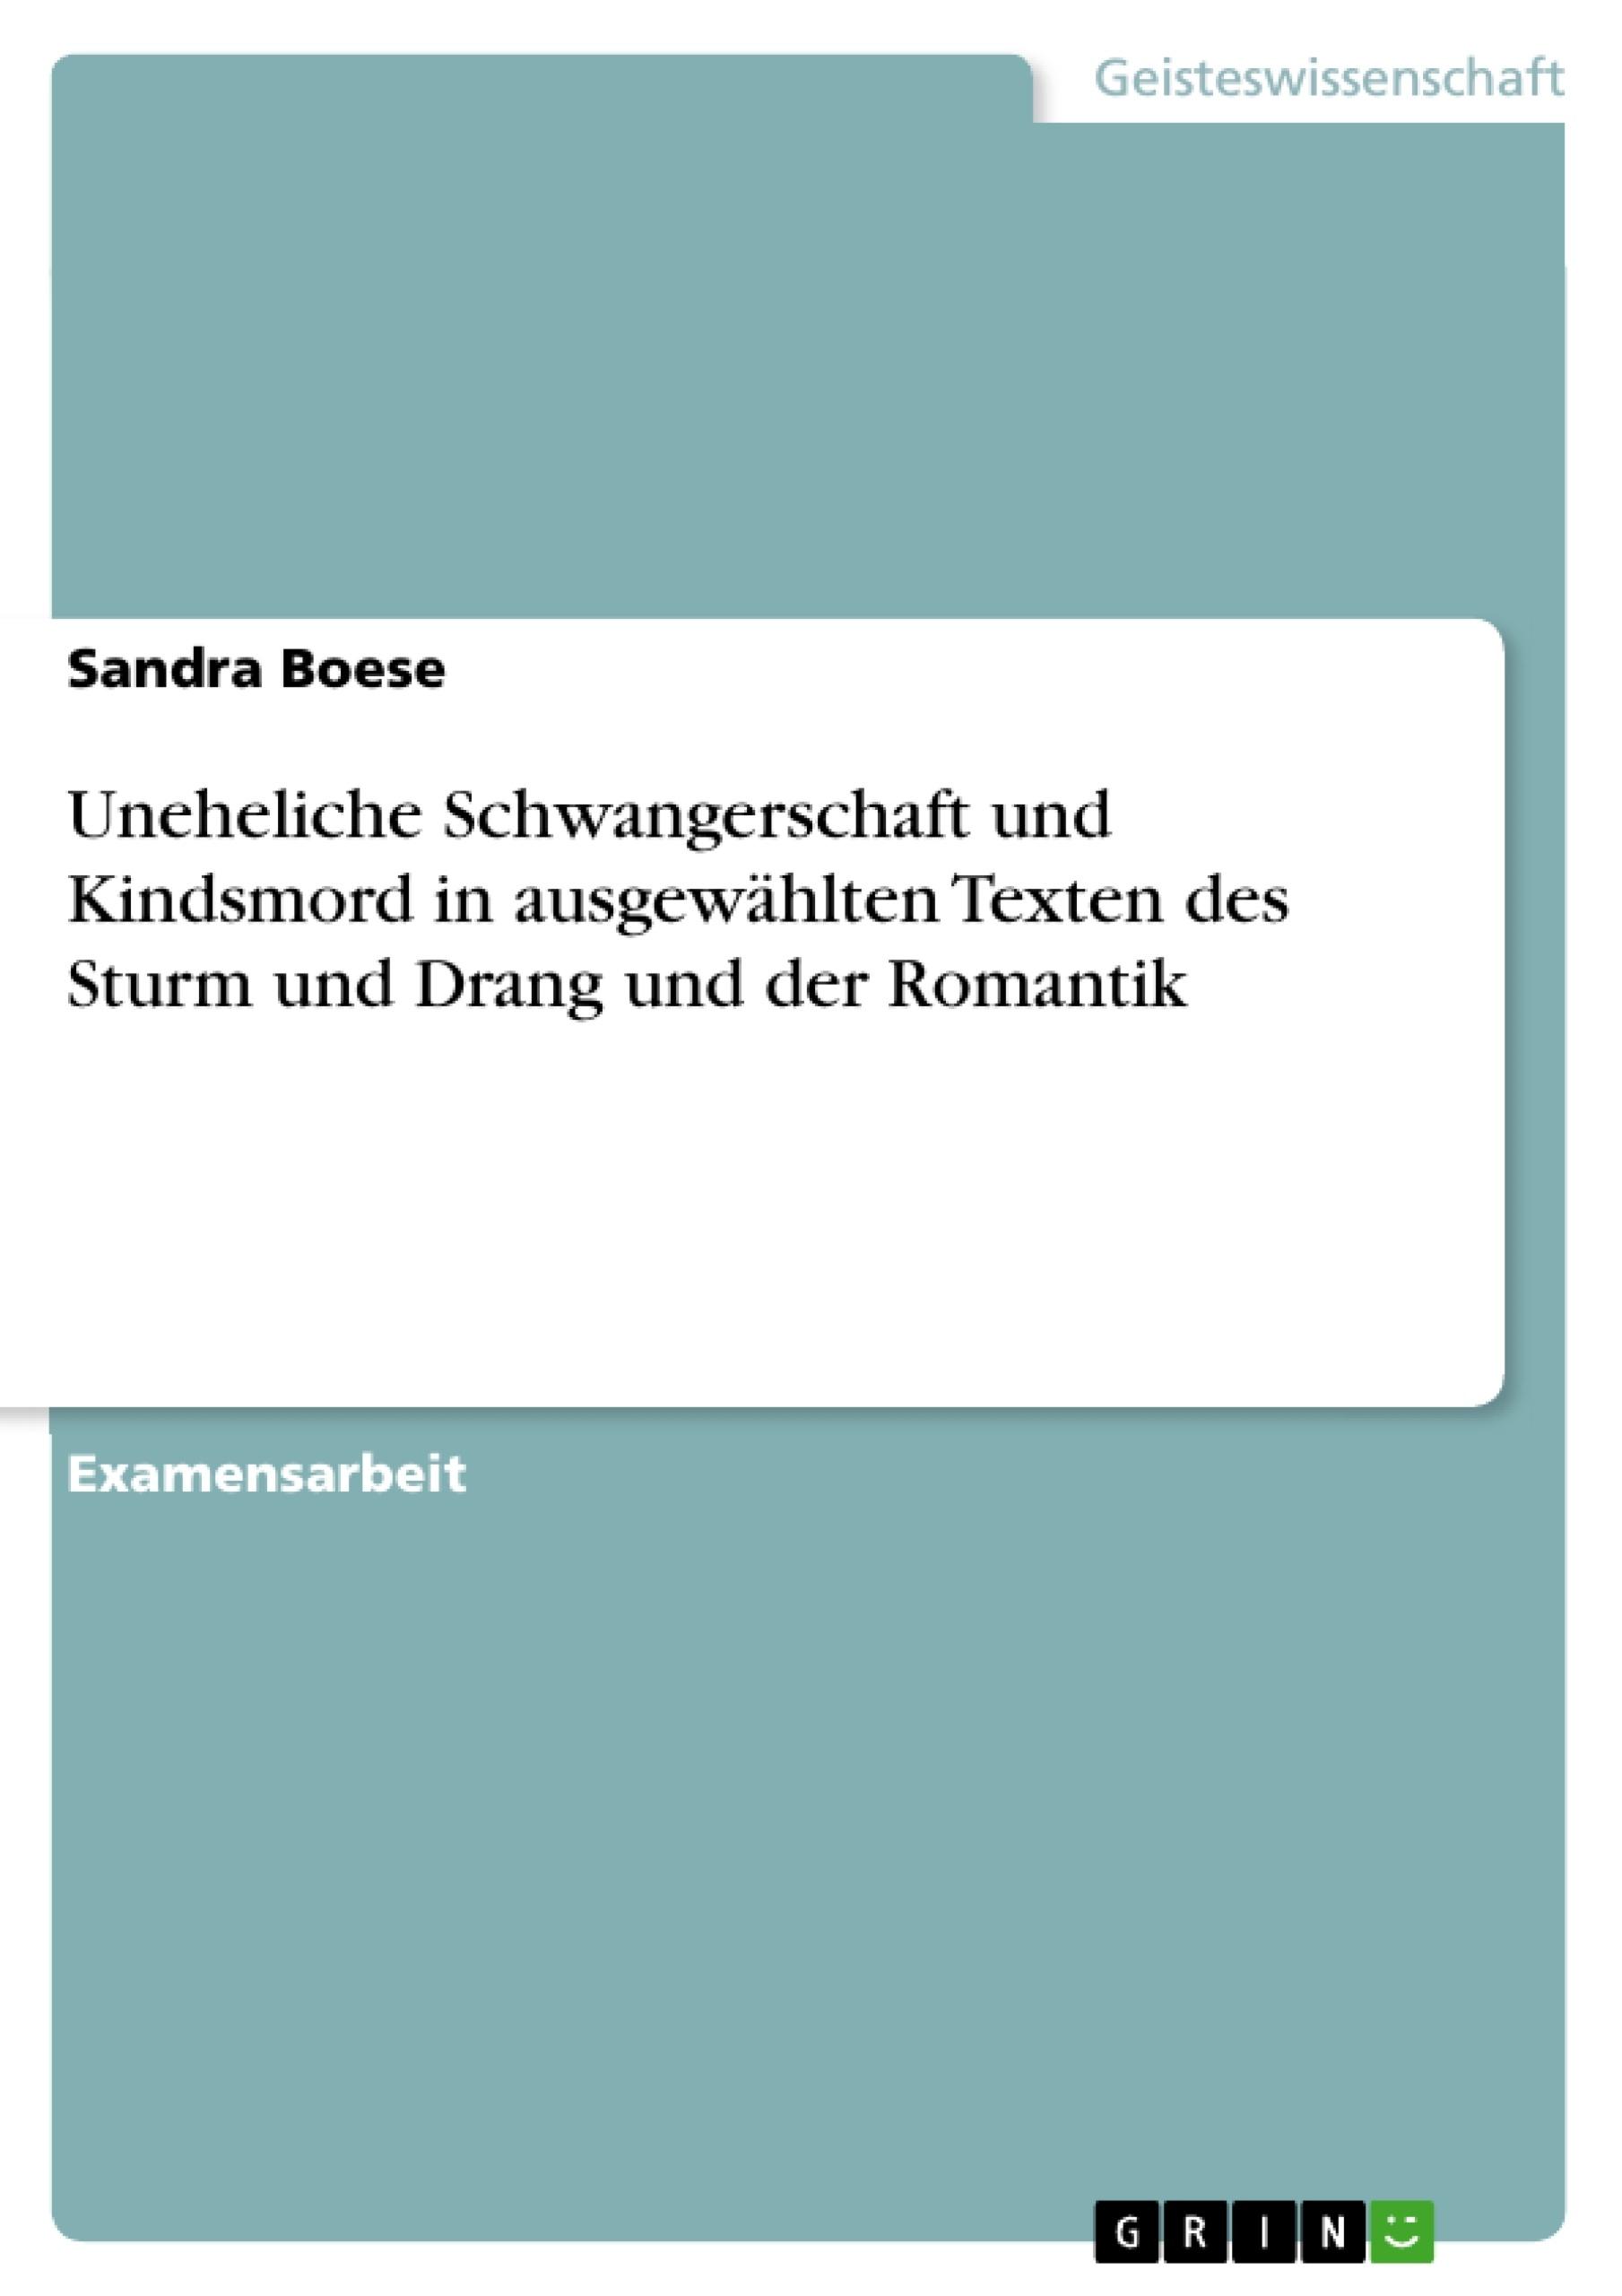 Titel: Uneheliche Schwangerschaft und Kindsmord in ausgewählten Texten des Sturm und Drang und der Romantik